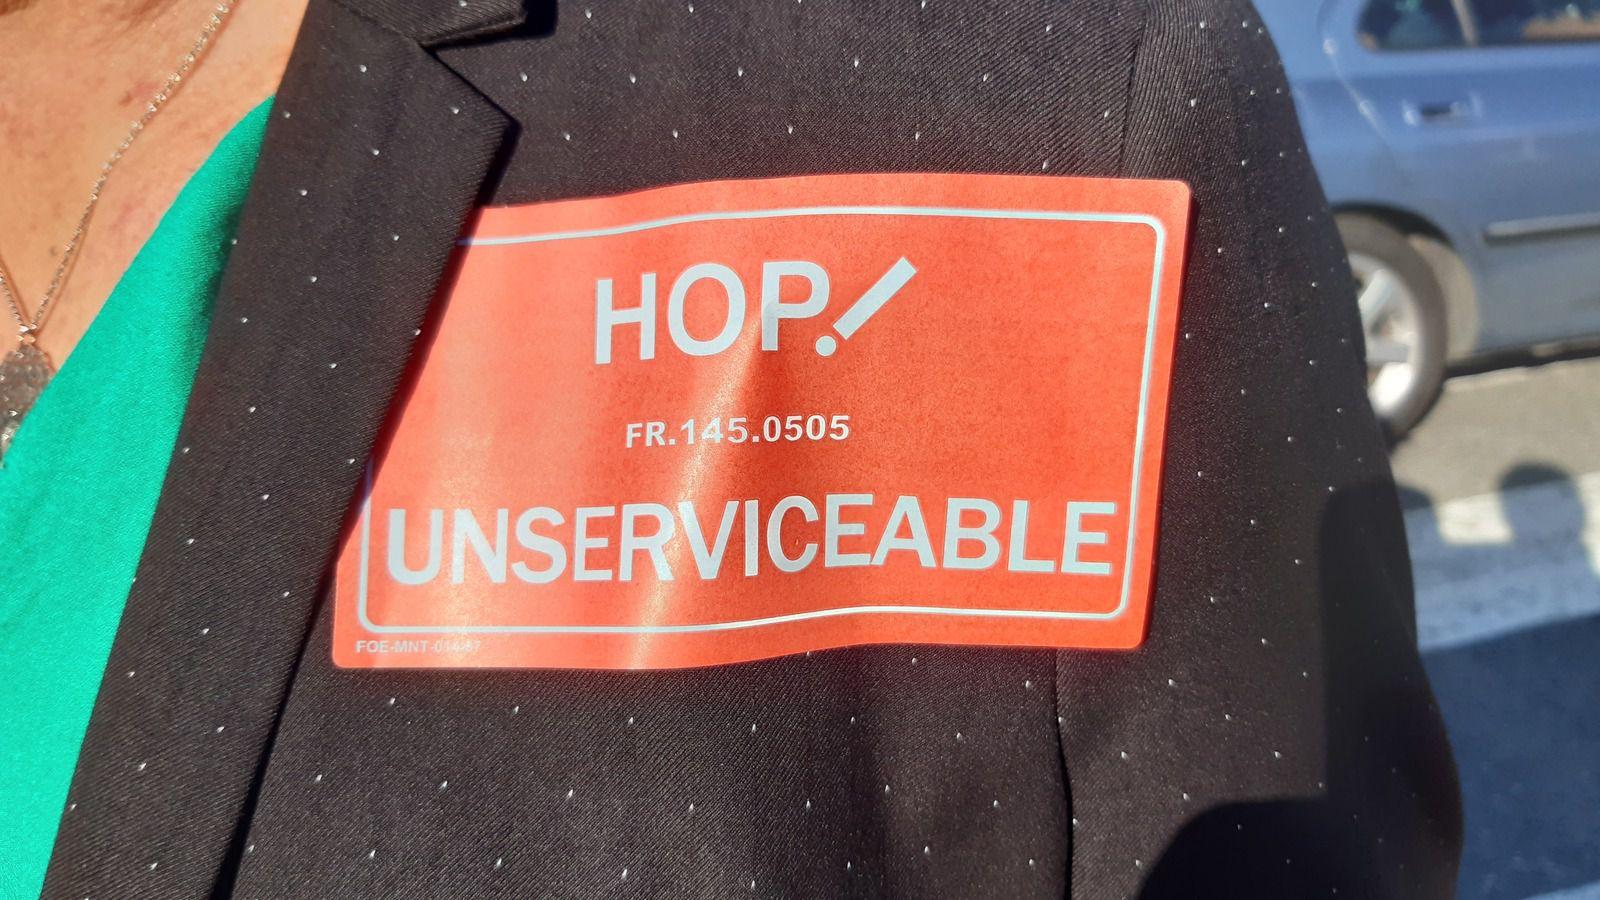 Vendredi 3 juillet: 200 salariés, élus, citoyens mobilisés à Morlaix pour Hop!